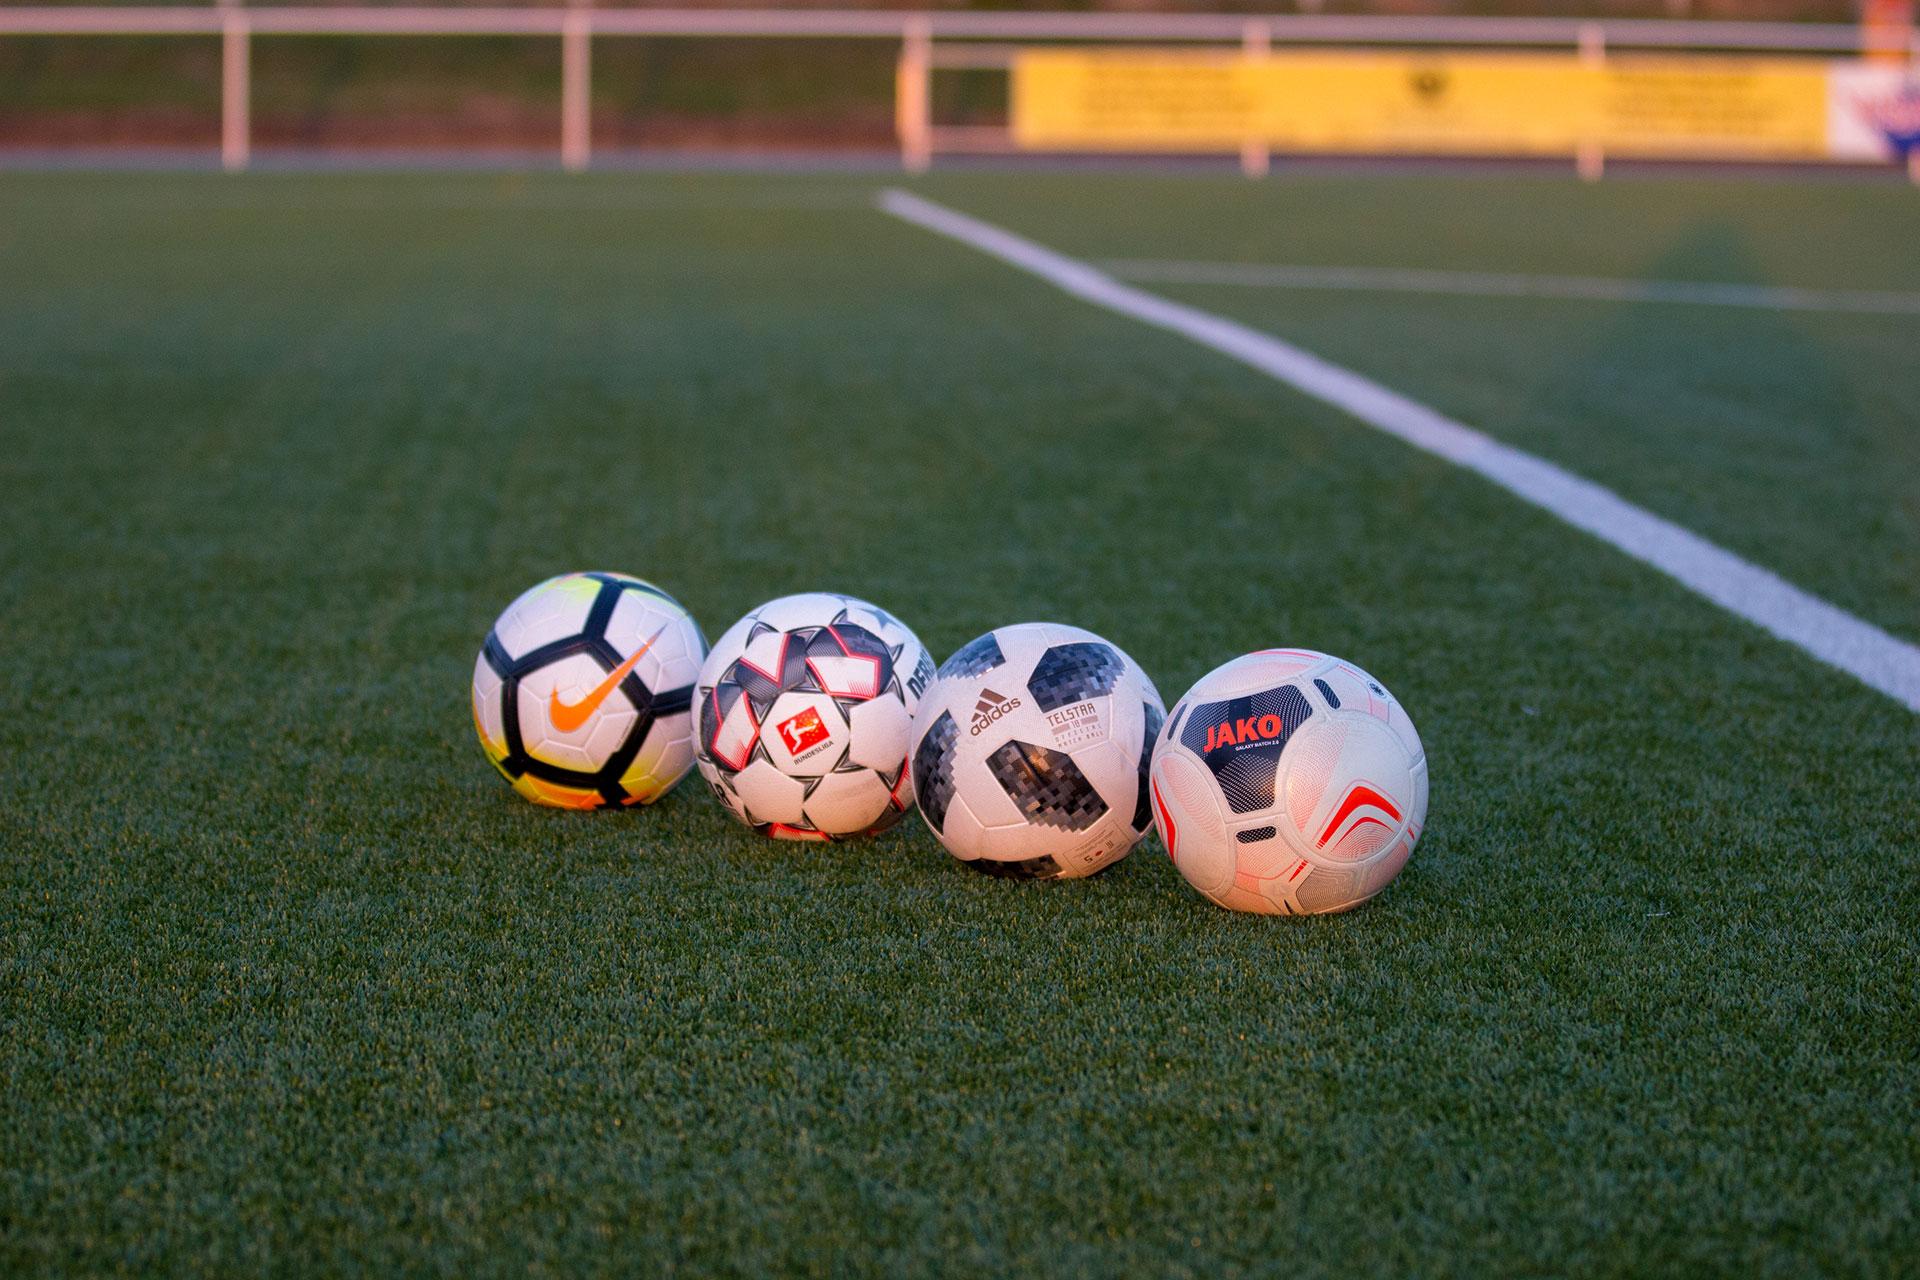 Spielballe Fur Jeden Fussball Verein Getestet